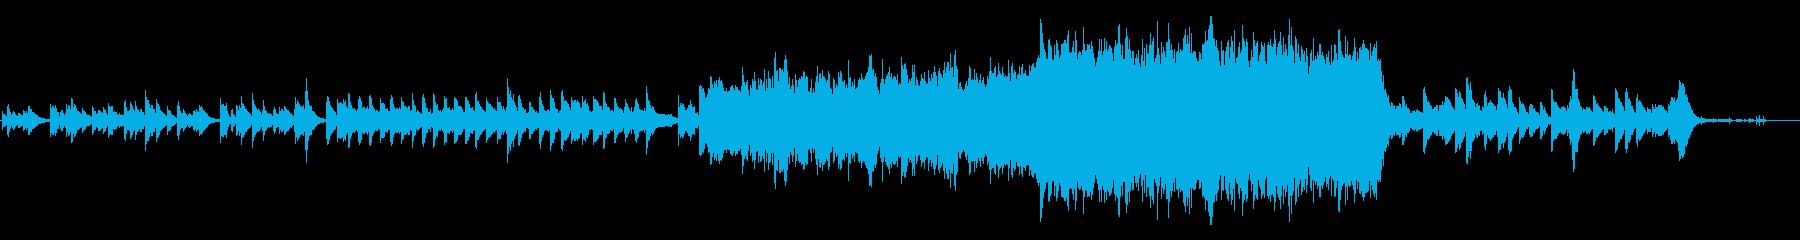 悲しいオーケストラのBGMの再生済みの波形